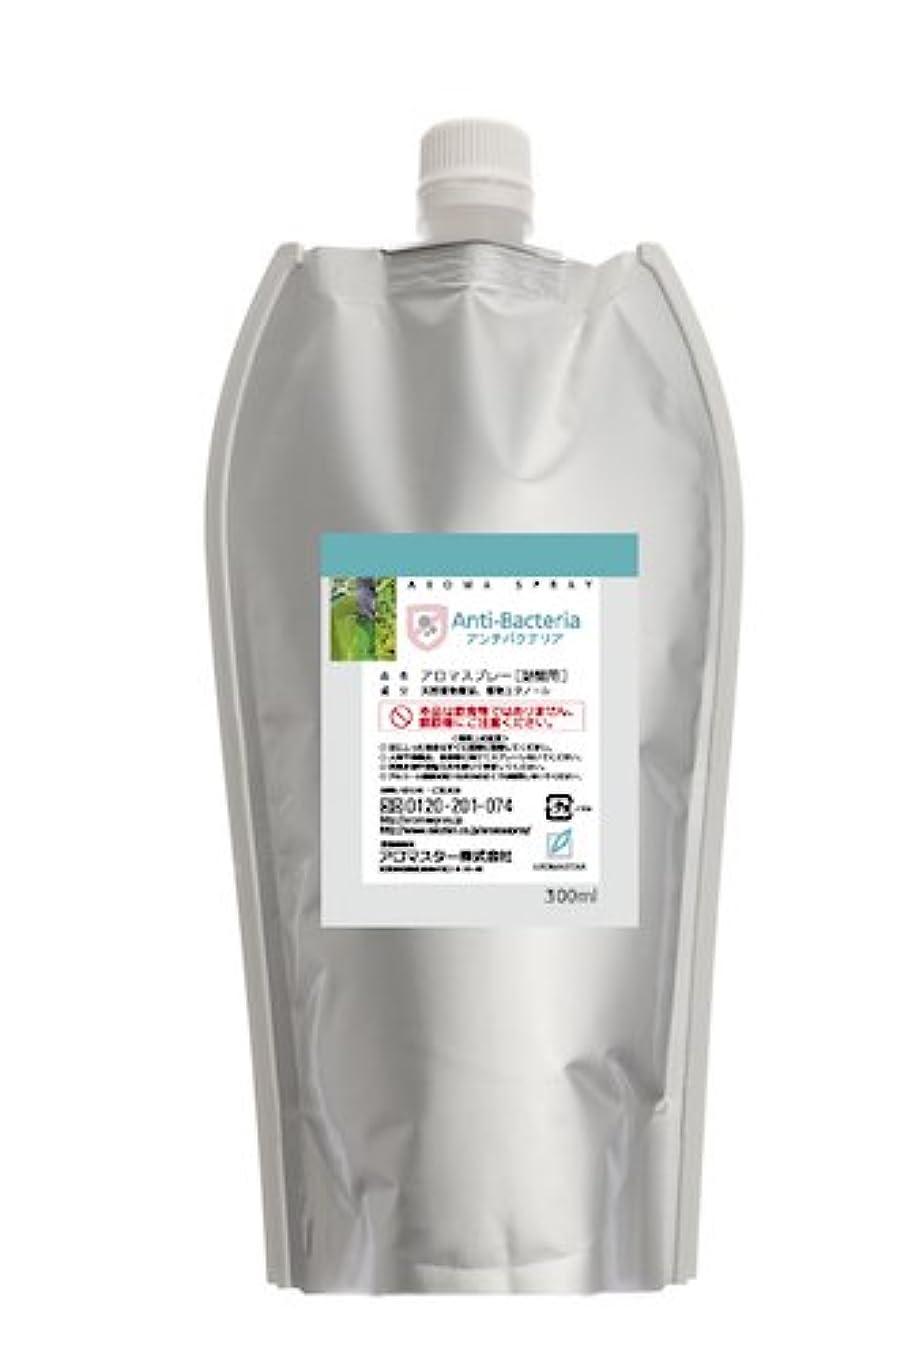 投獄インシデント抑制AROMASTAR(アロマスター) アロマスプレー アンチバクテリア 300ml詰替用(エコパック)